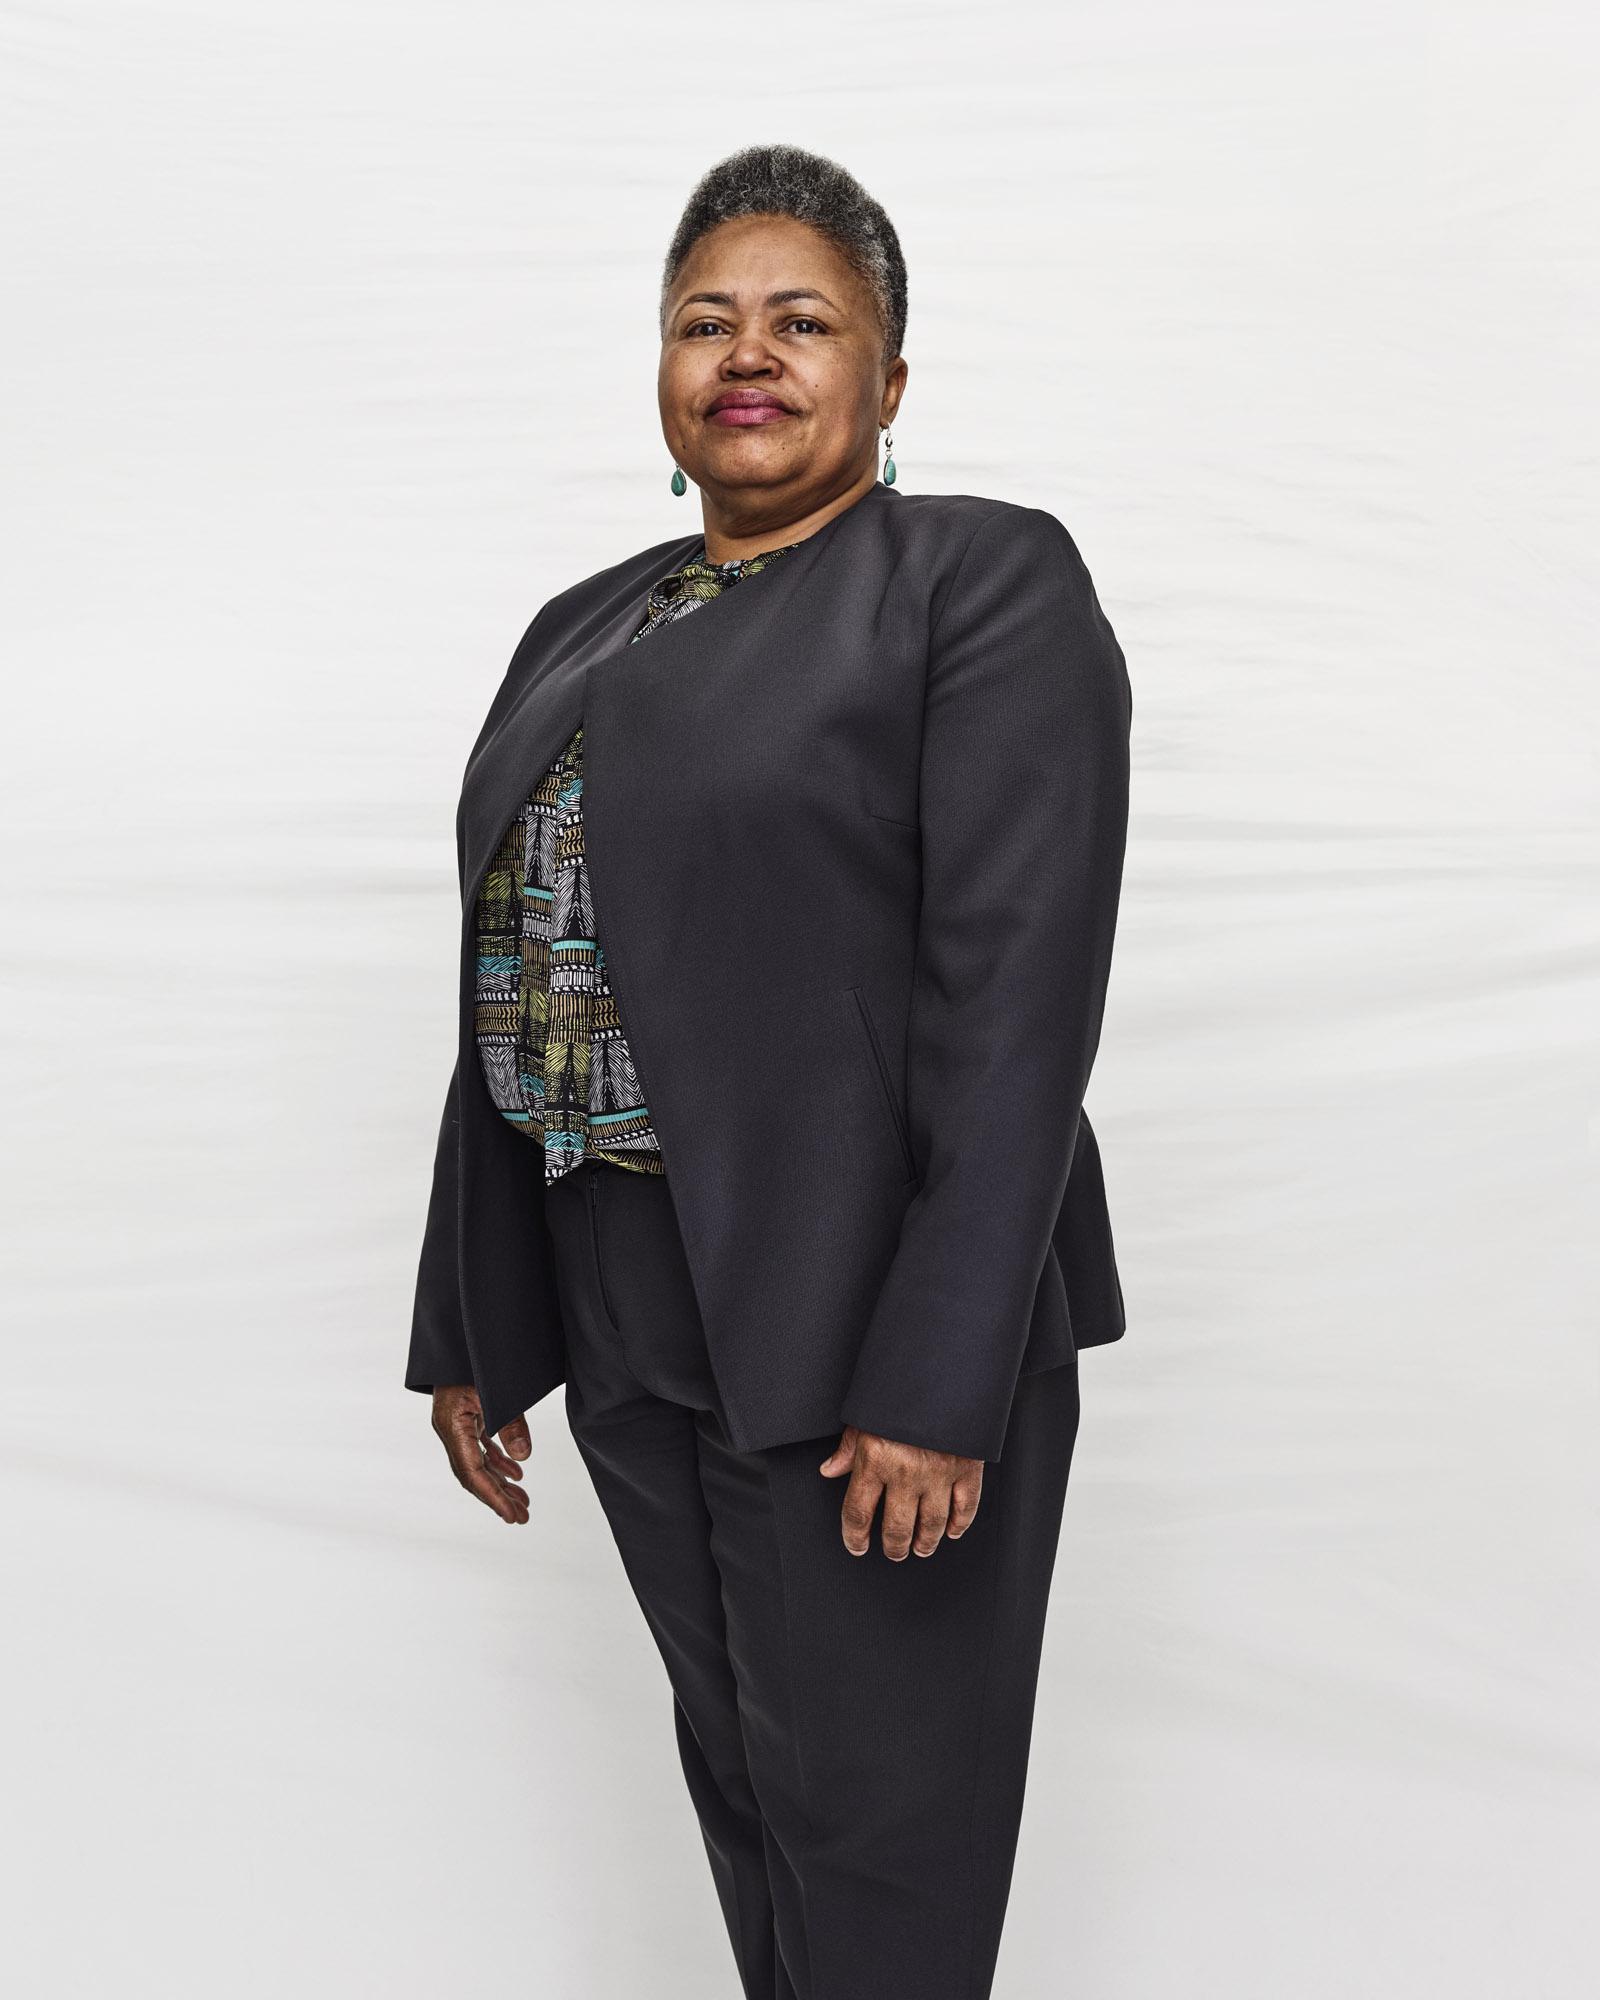 Monica Lewis-Patrick